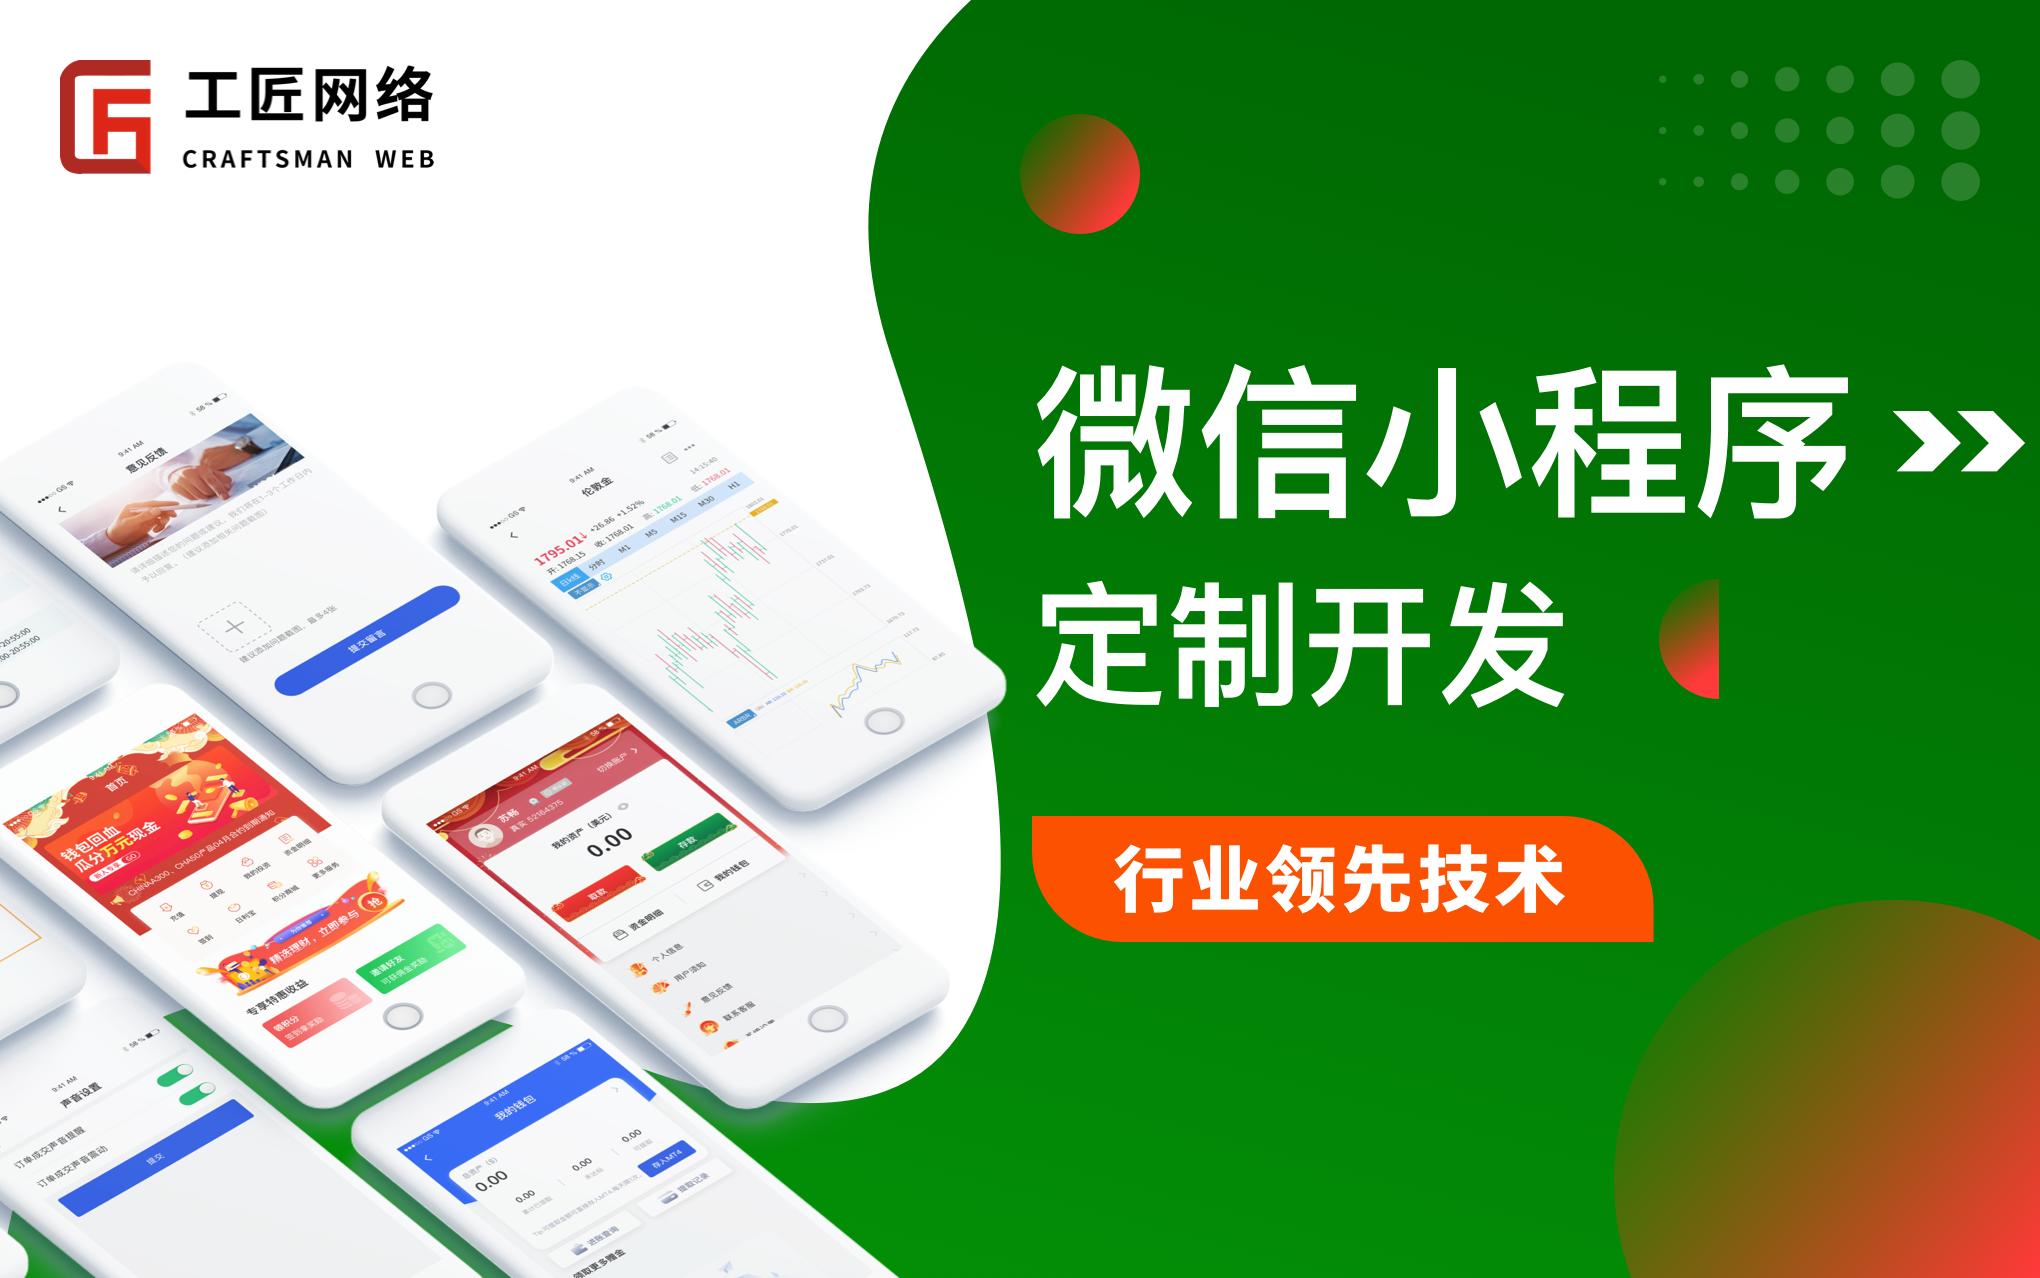 【企业网站】网站定制开发企业公司官网企业网站制作网站建设